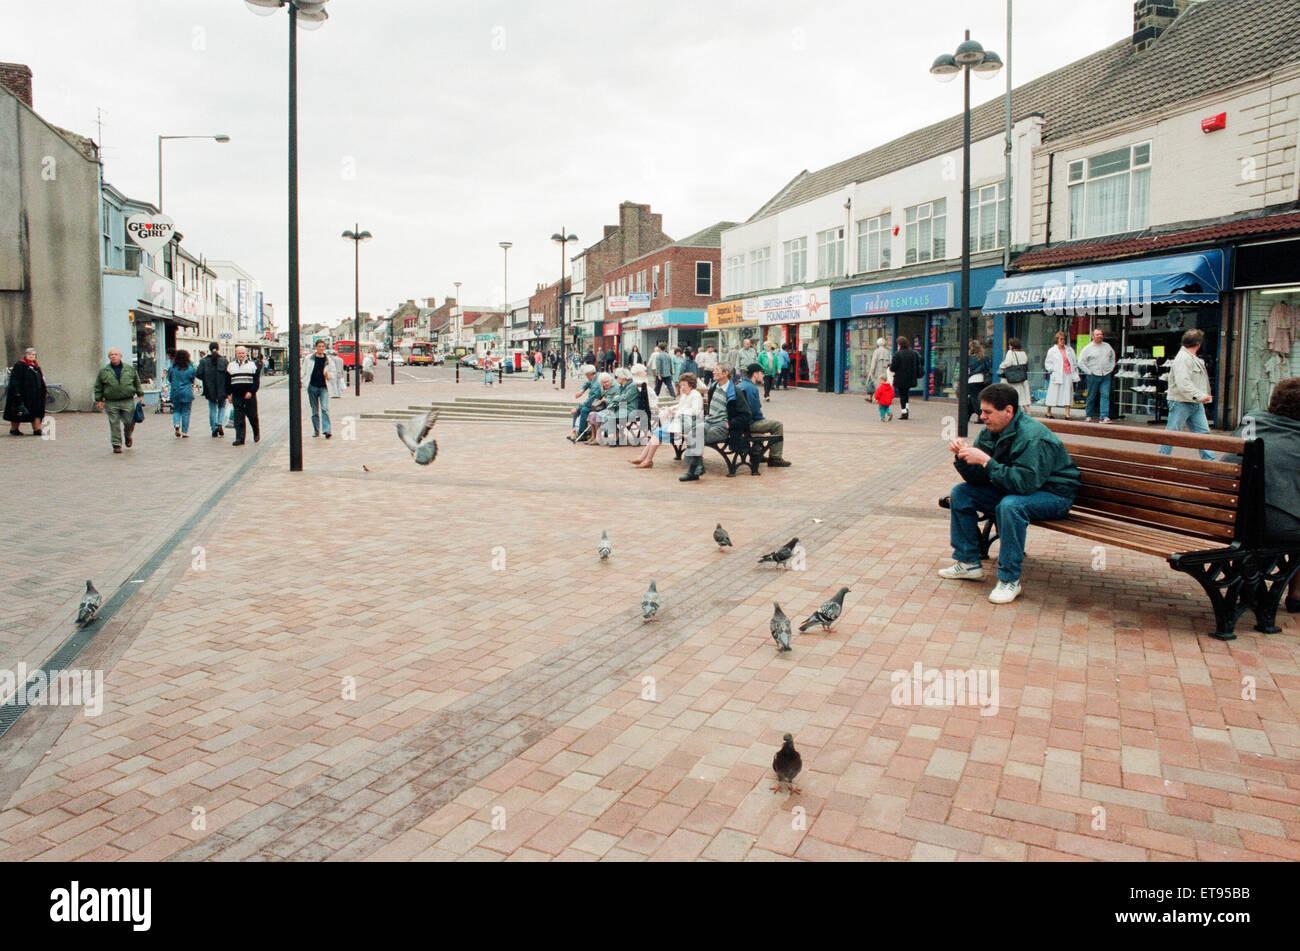 2489901c81c0 Redcar High Street Stock Photos   Redcar High Street Stock Images ...